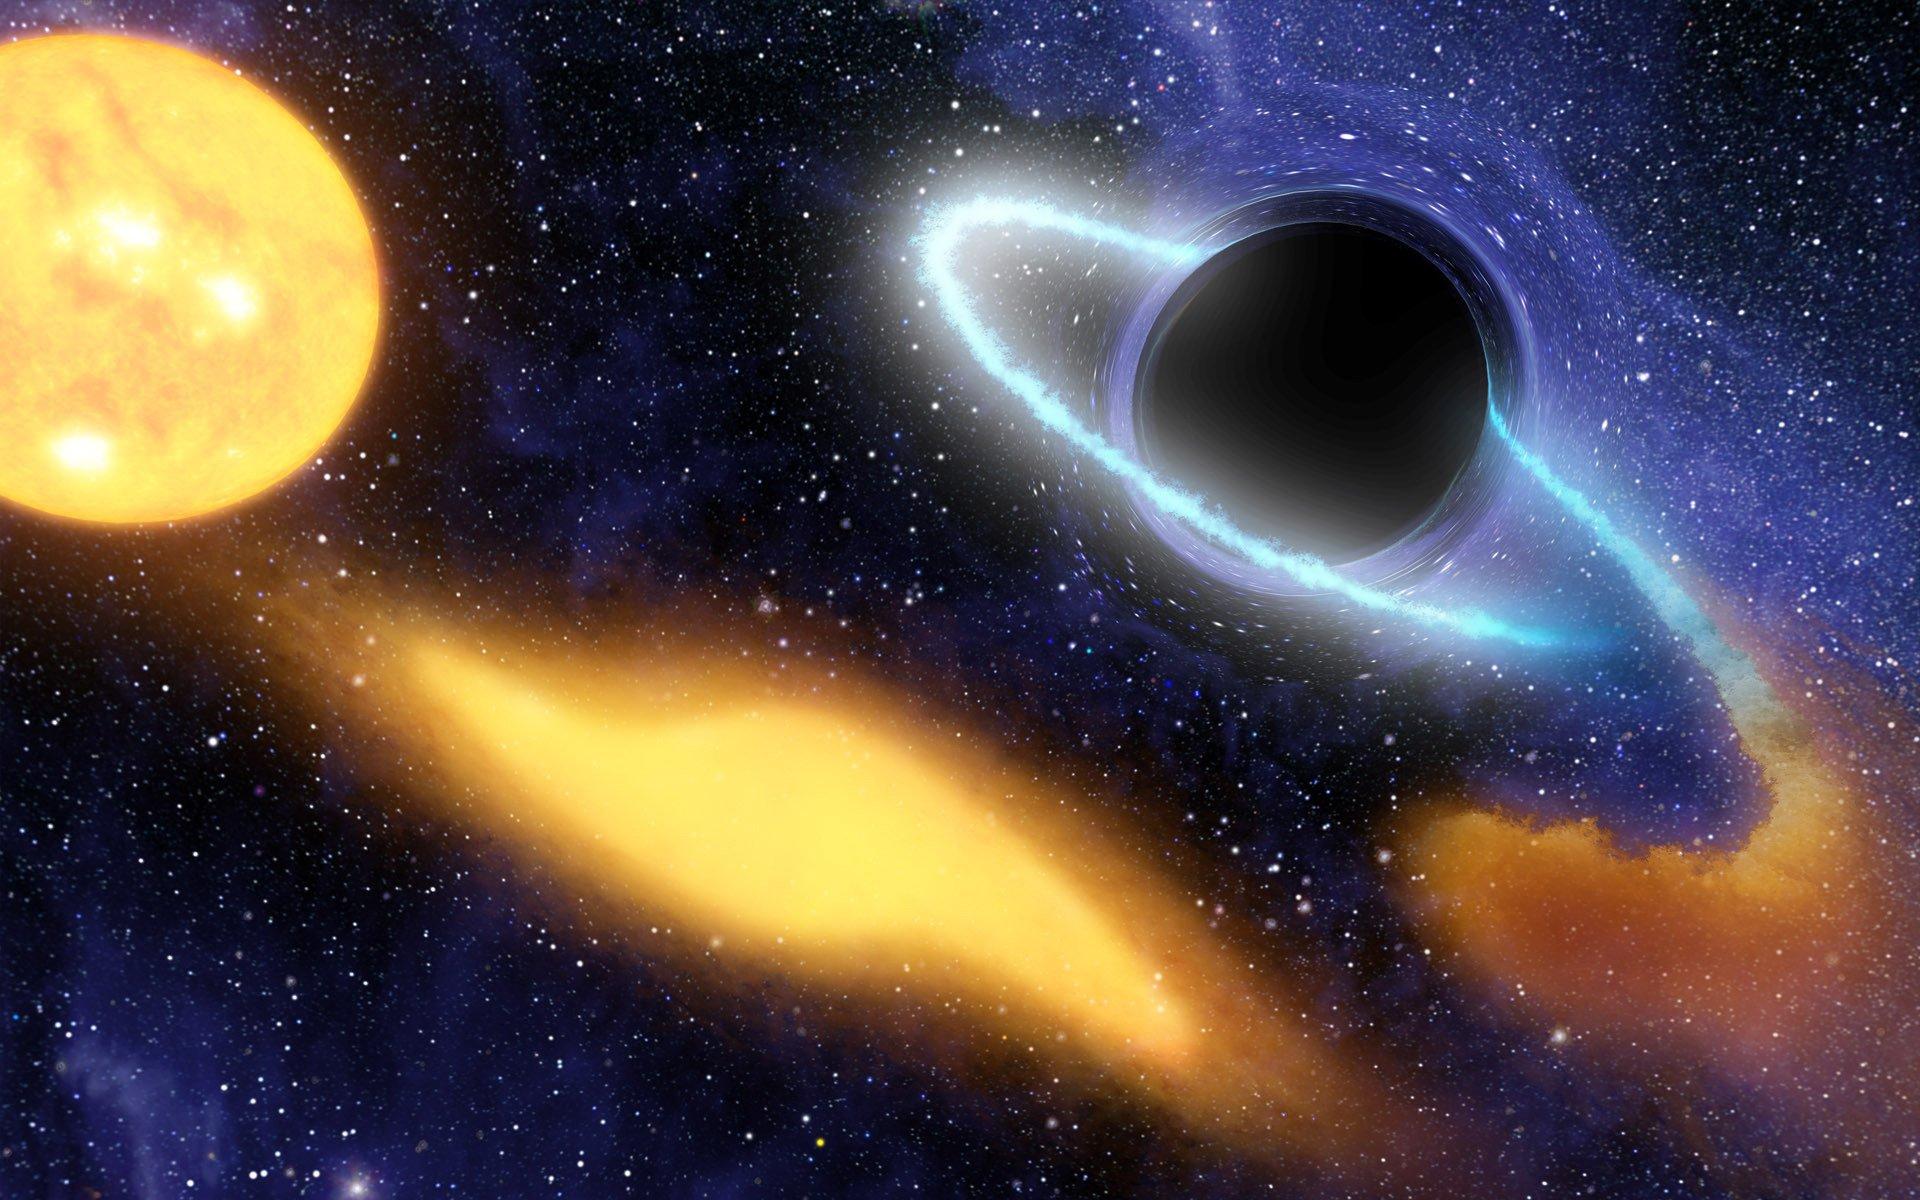 этому картинки космос и планеты и черная дыра всех супермаркетах есть